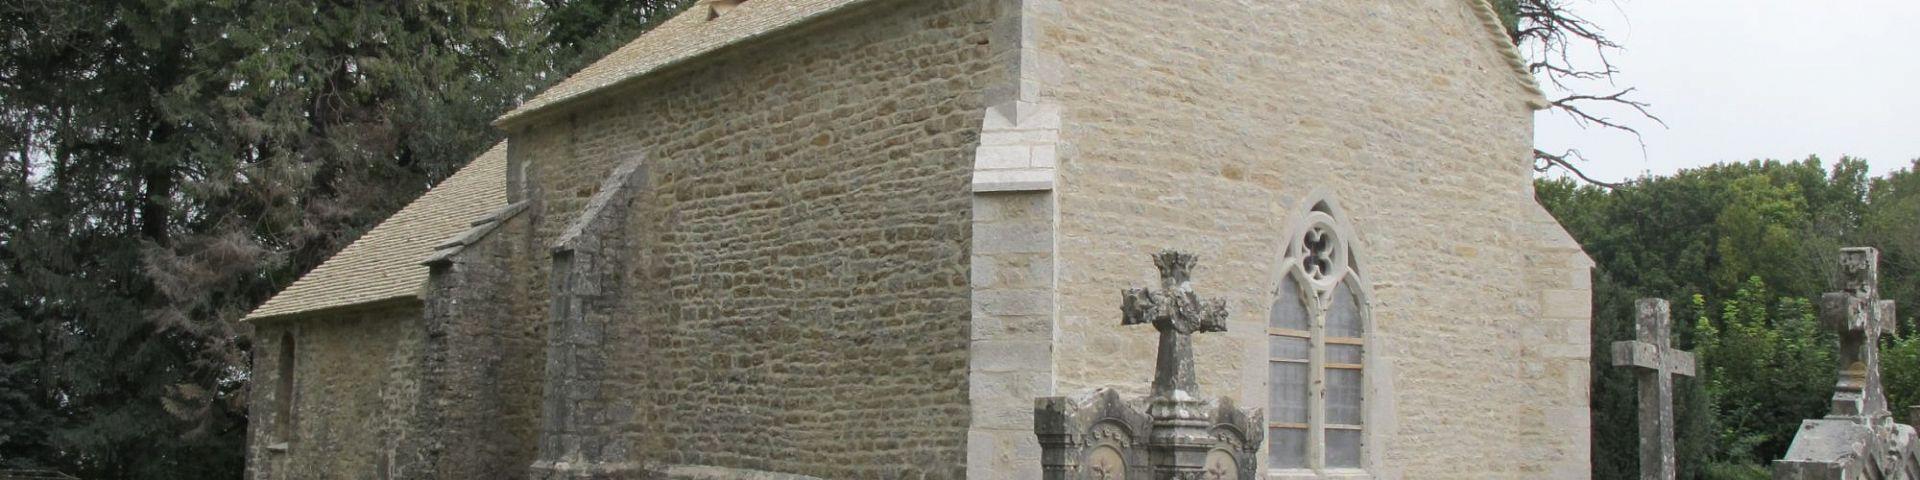 Perrigny - Chapelle St-Etienne de Coldre à Briod (39)